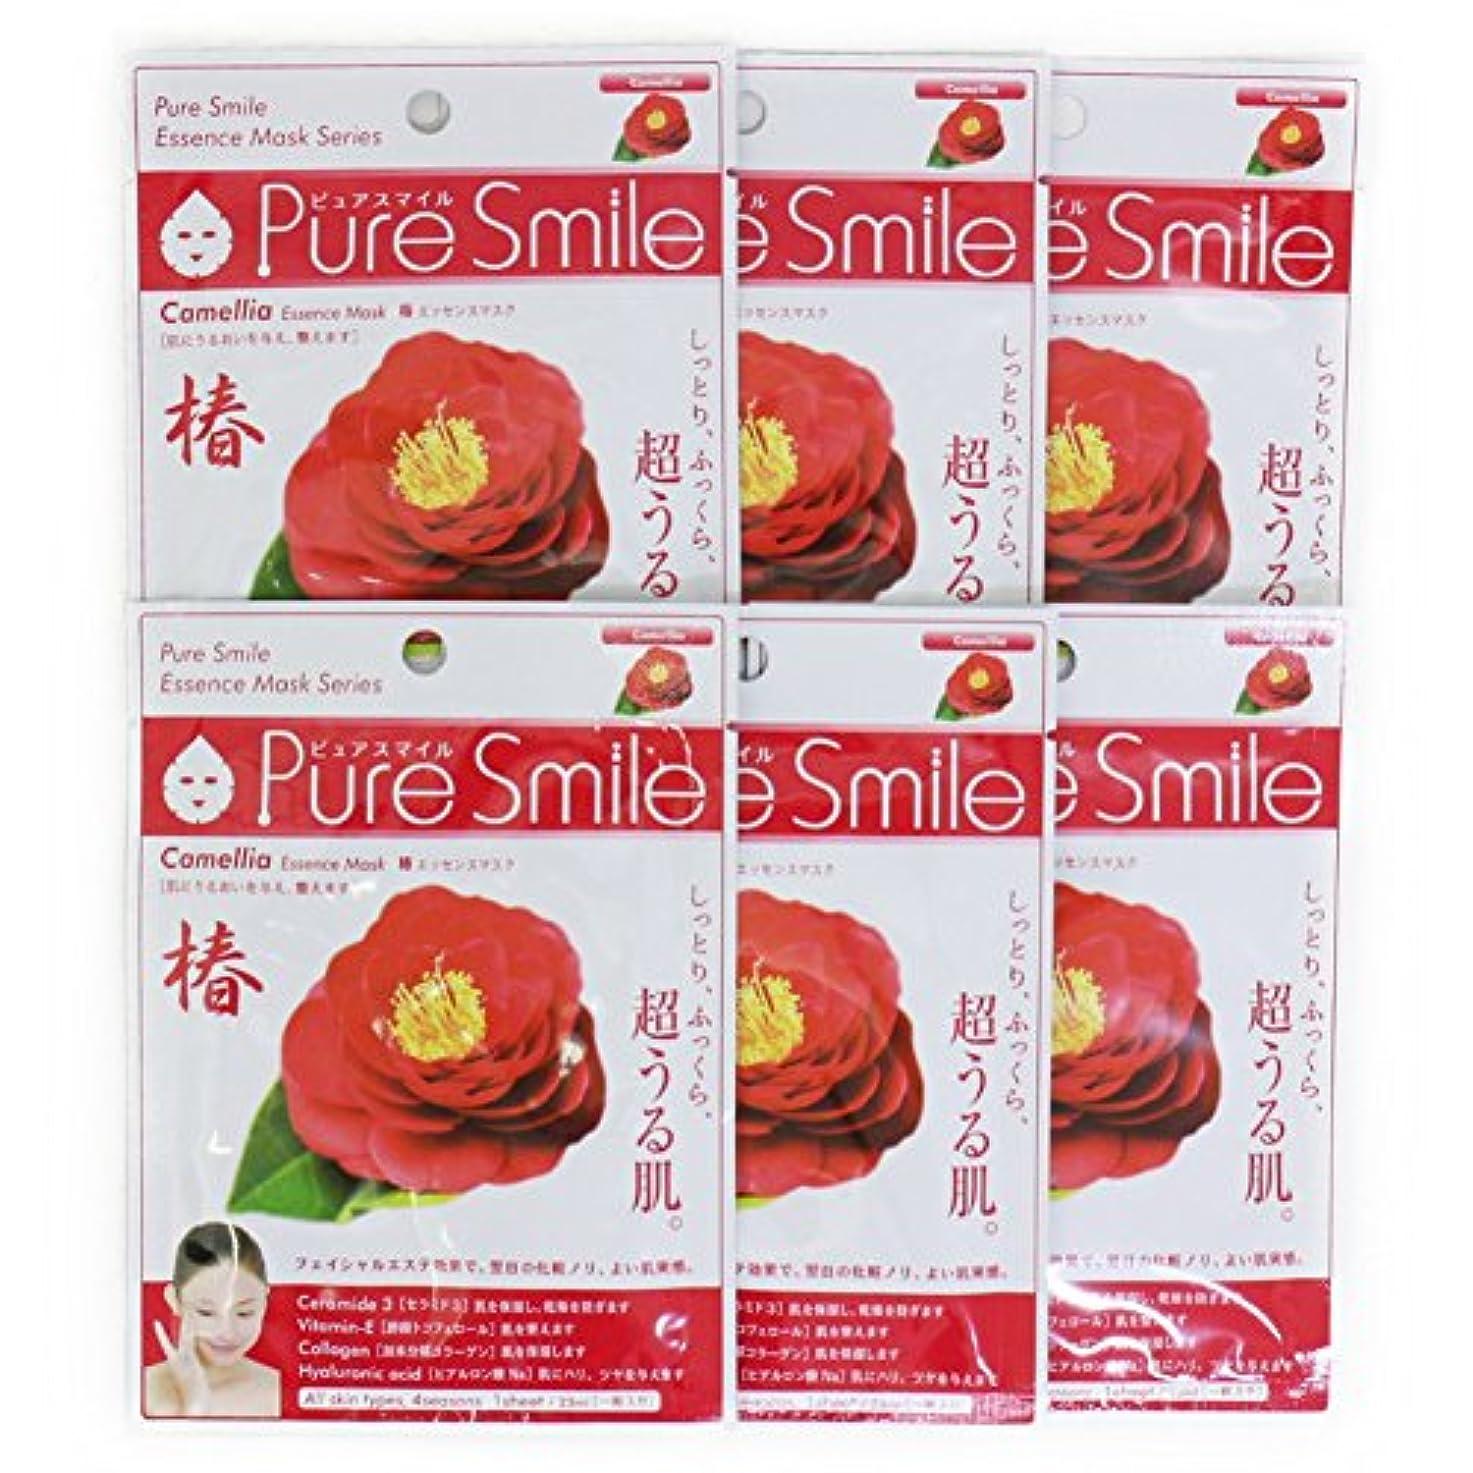 早熟選ぶ電話に出るPure Smile ピュアスマイル エッセンスマスク 椿 6枚セット